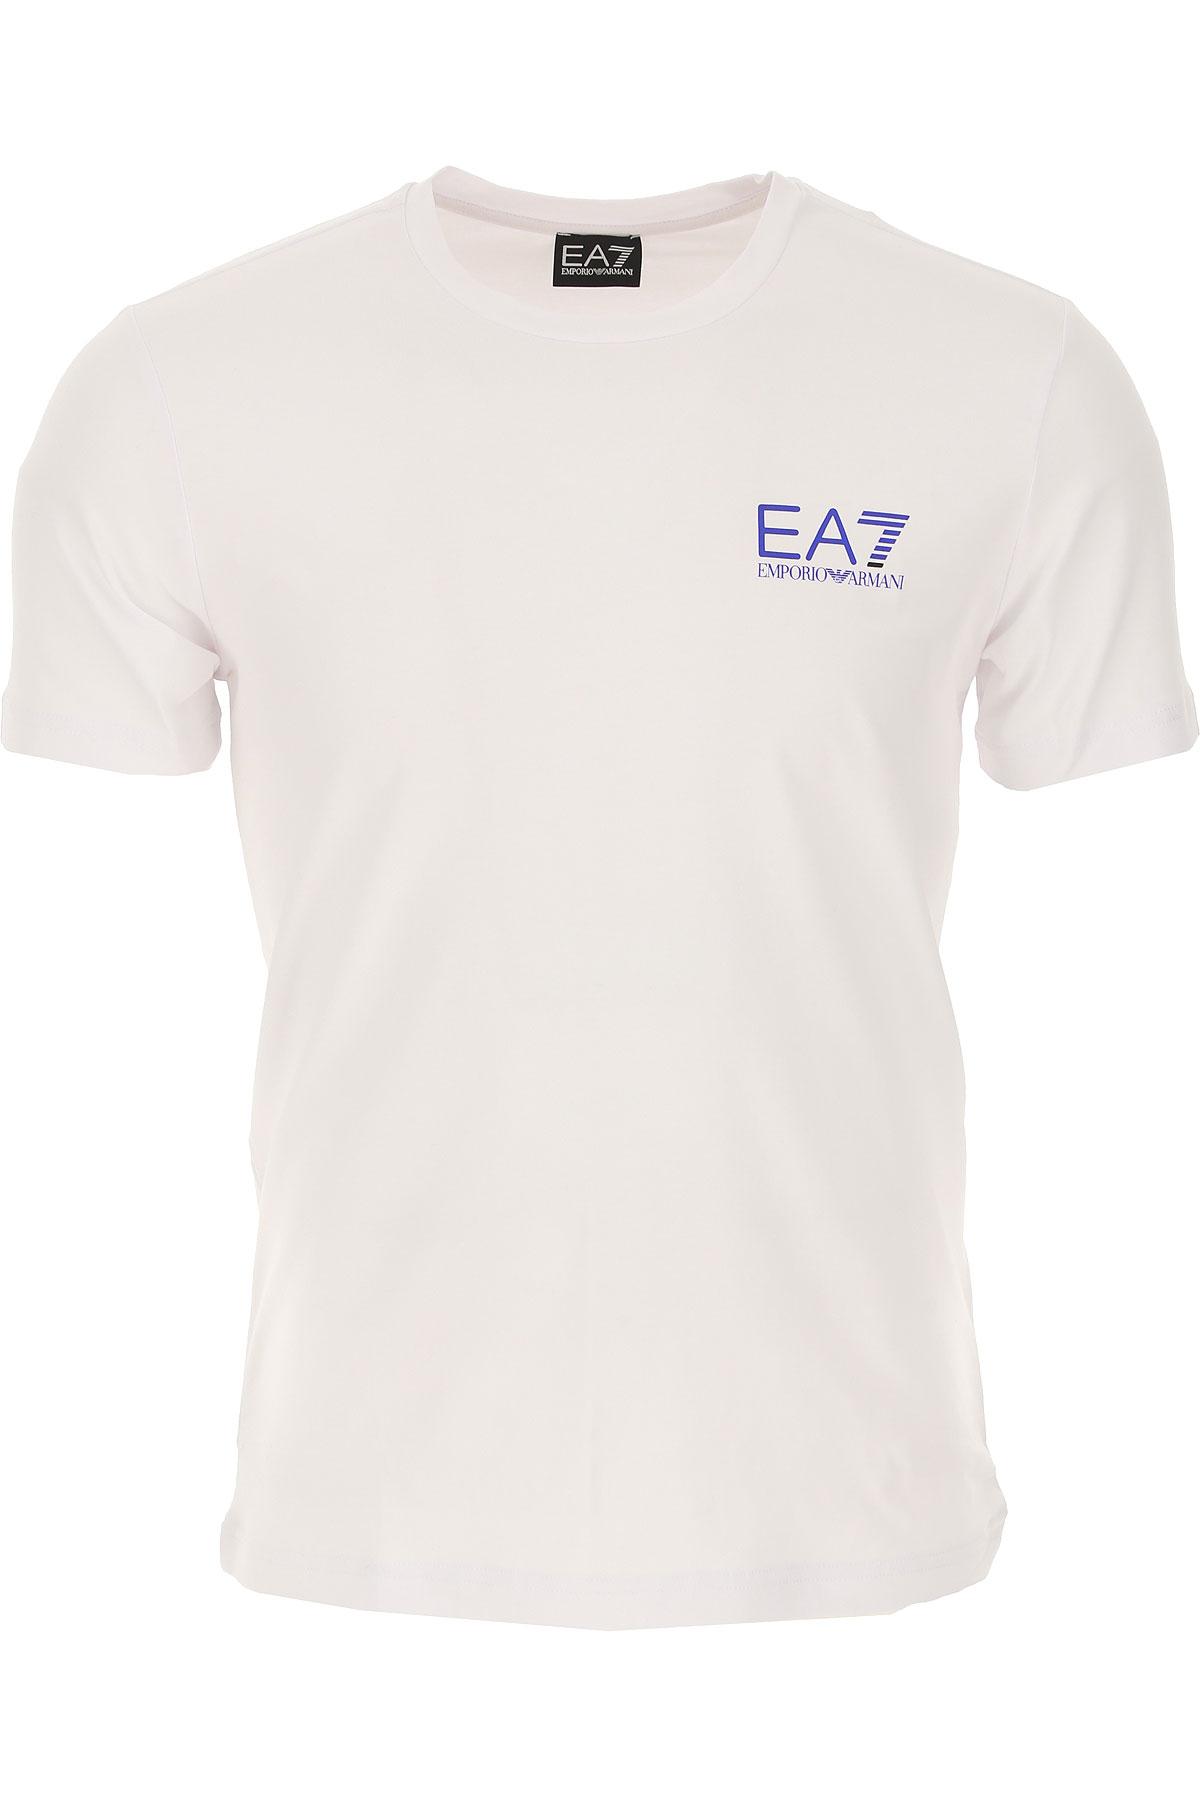 Emporio Armani T-shirt Homme Pas Cher En Soldes, Blanc, Coton, 2019, L S XL XXL